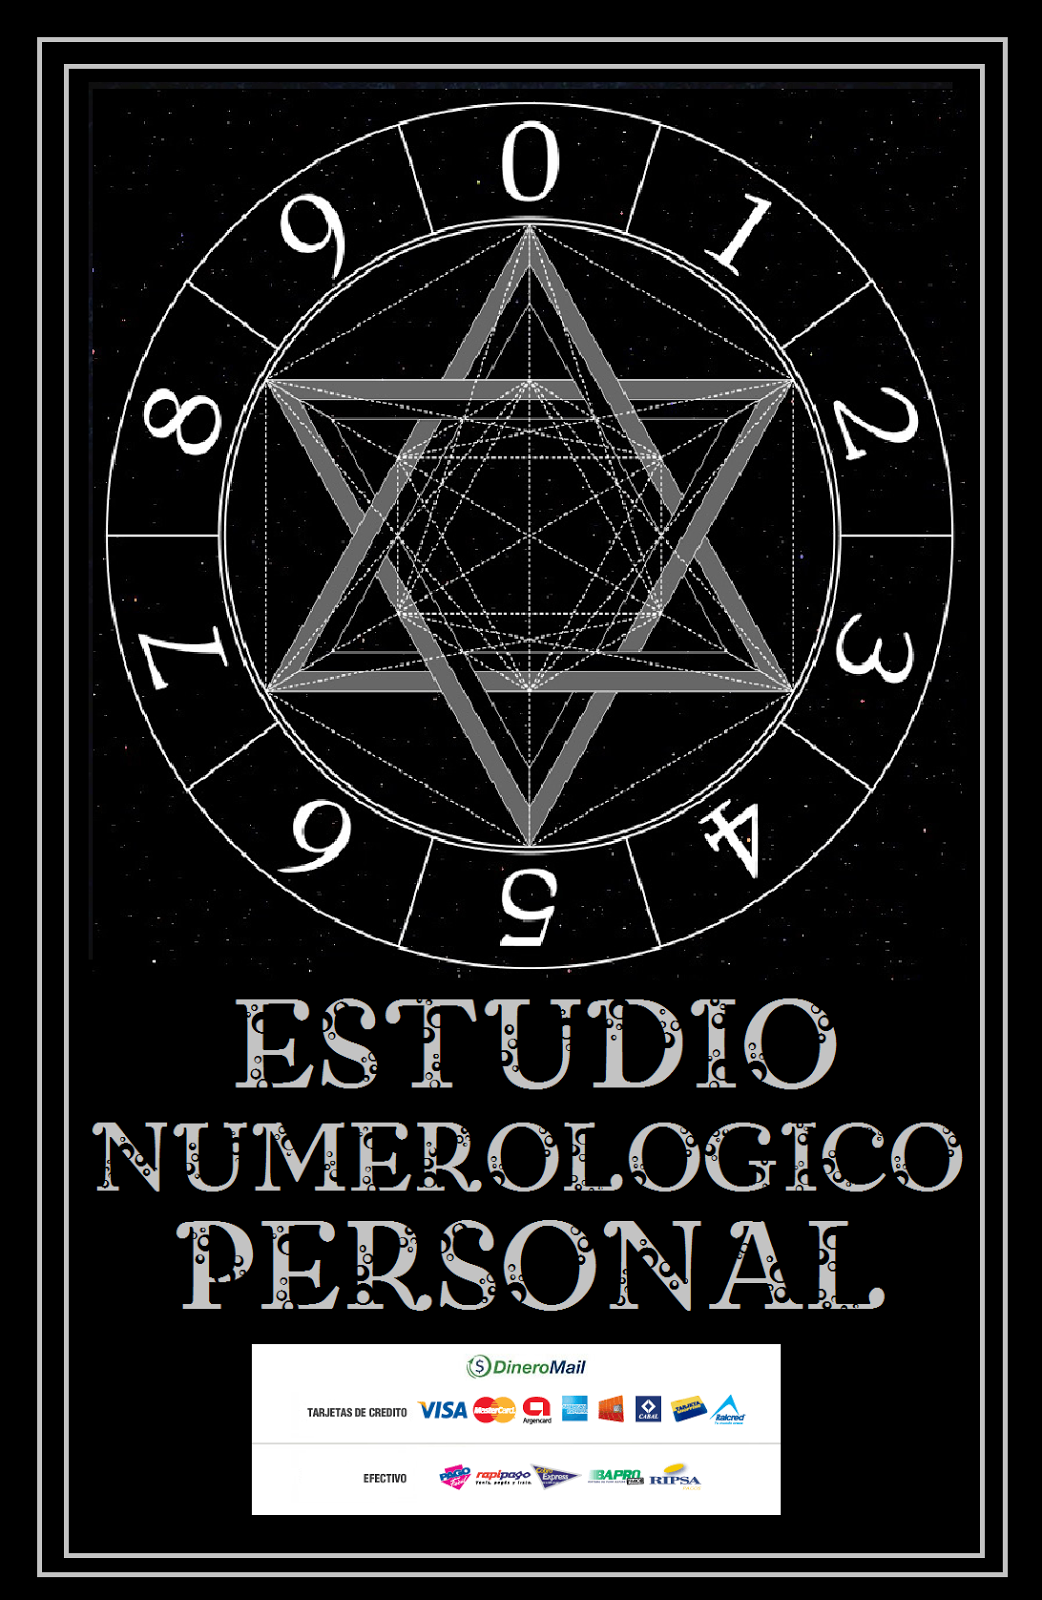 Servicio Numerologia.